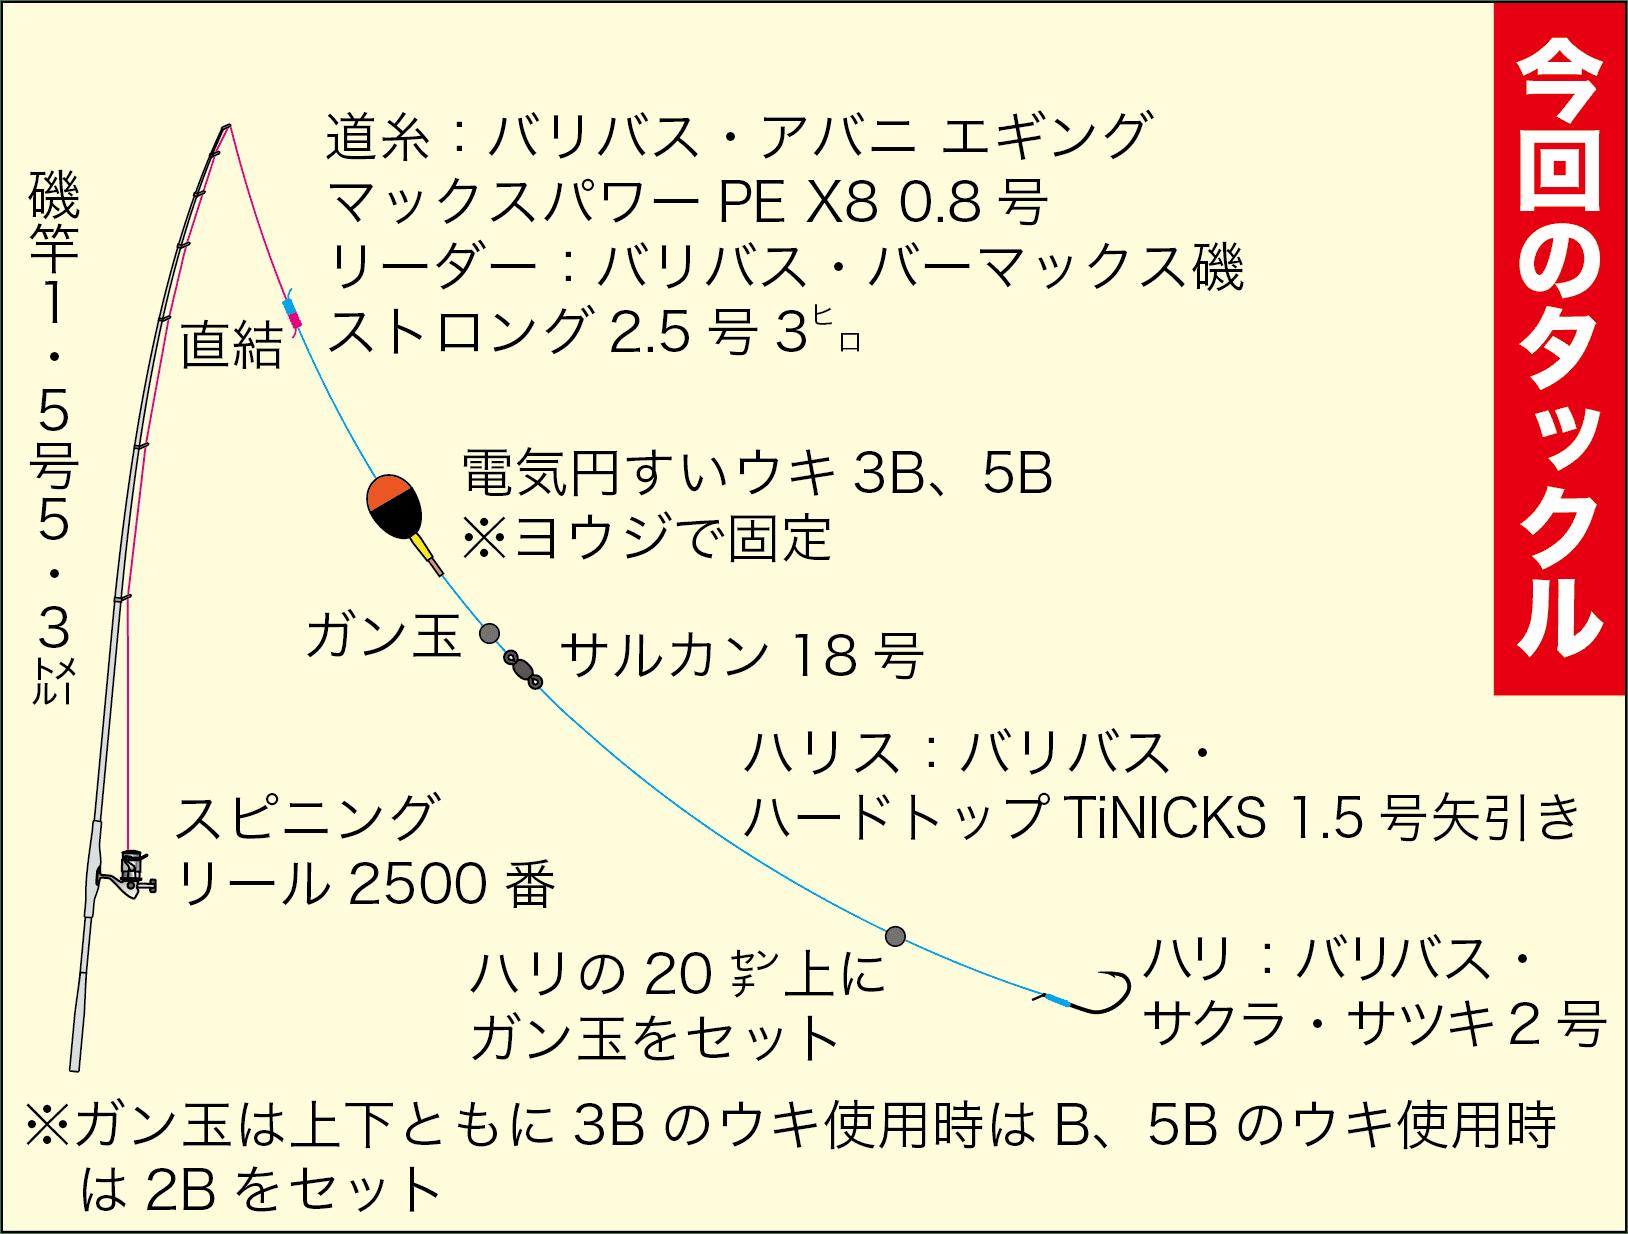 ライブショット21メバル13